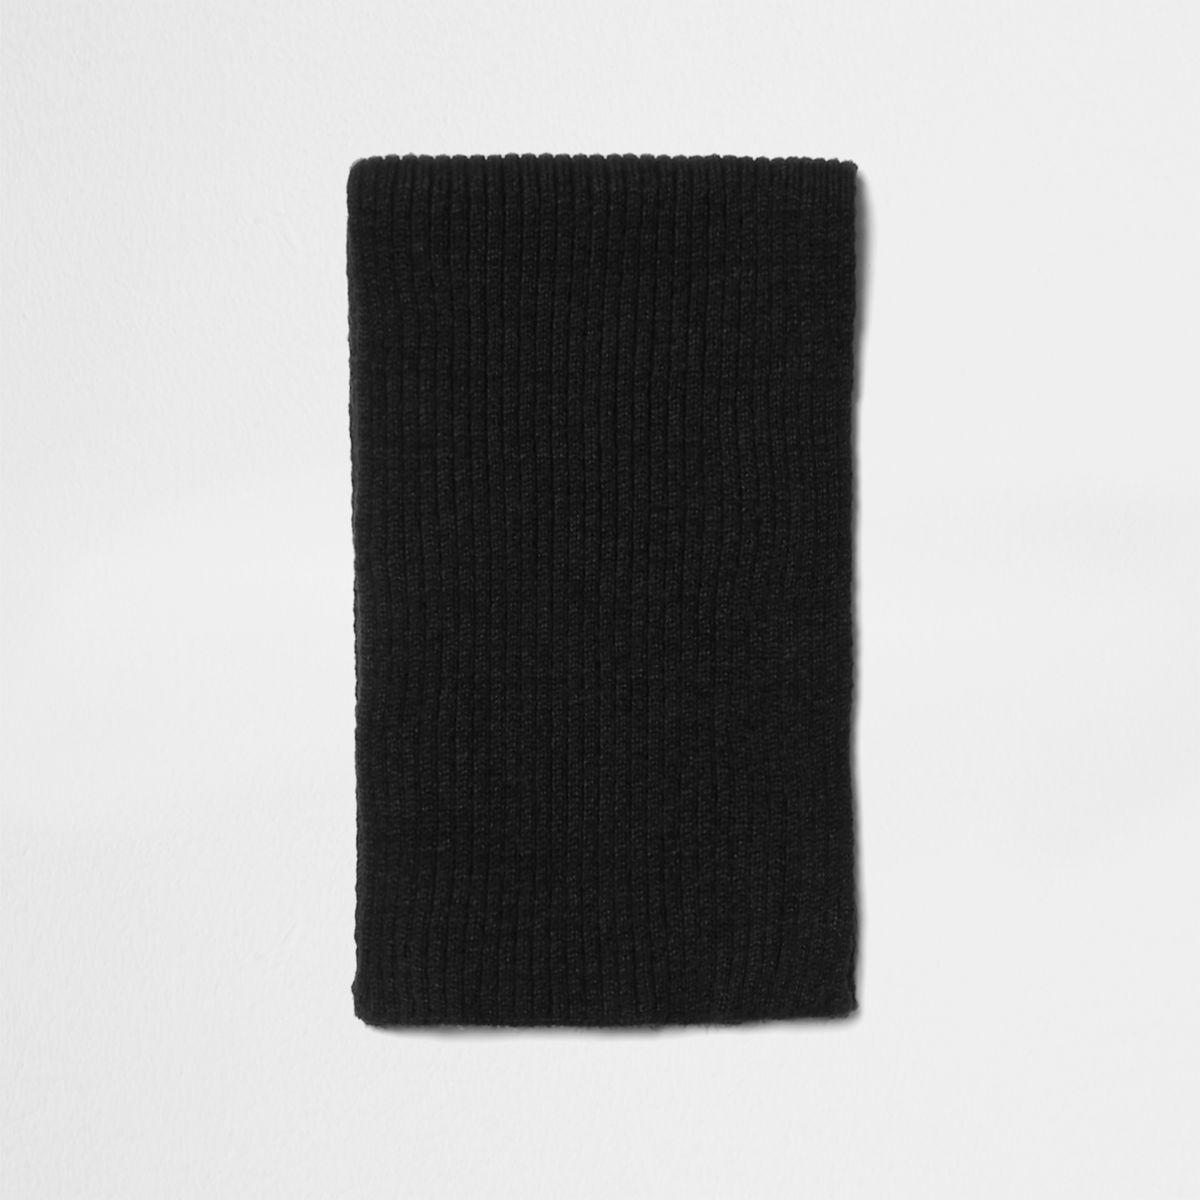 Écharpe en maille côtelée noire